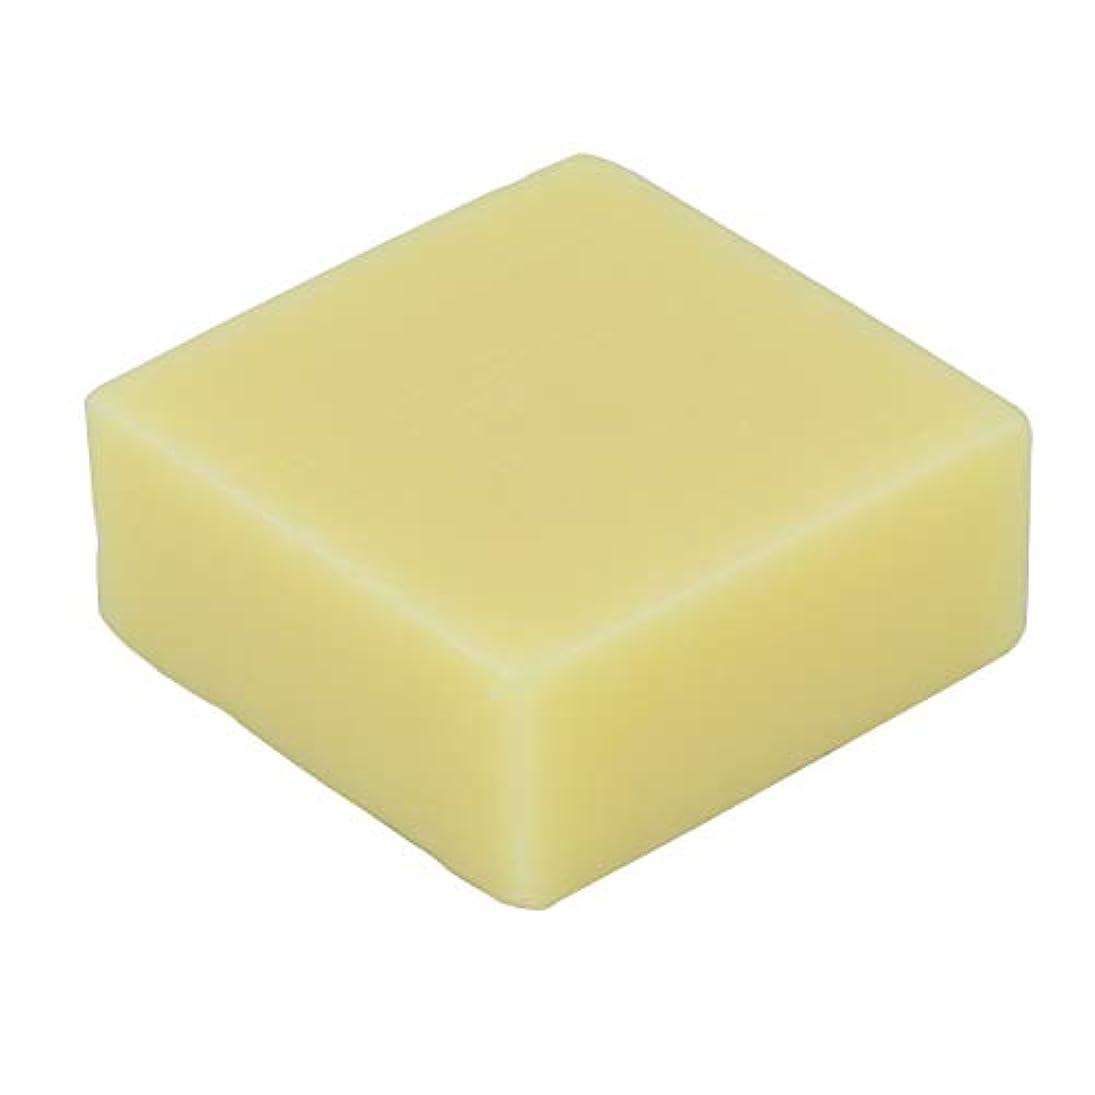 窓を洗うも前方へLurrose お風呂用洗顔石鹸バー手作りエッセンシャルオイル石鹸人参石鹸